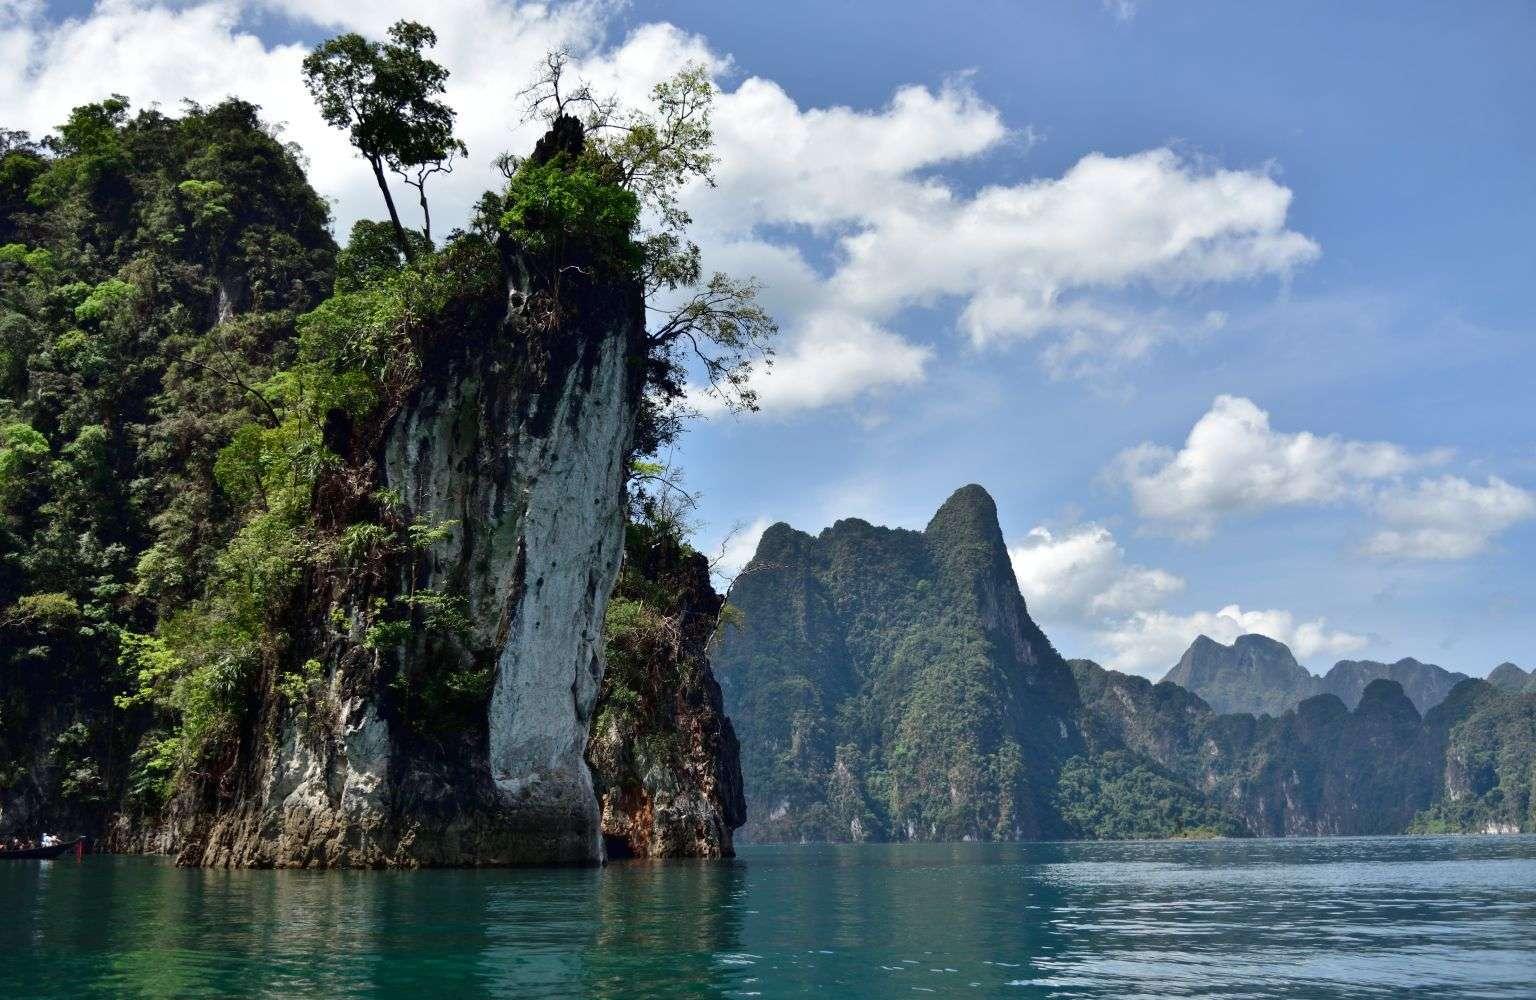 Kalksteen klif komt uit water, Cheow Lan Lake, Khao Sok